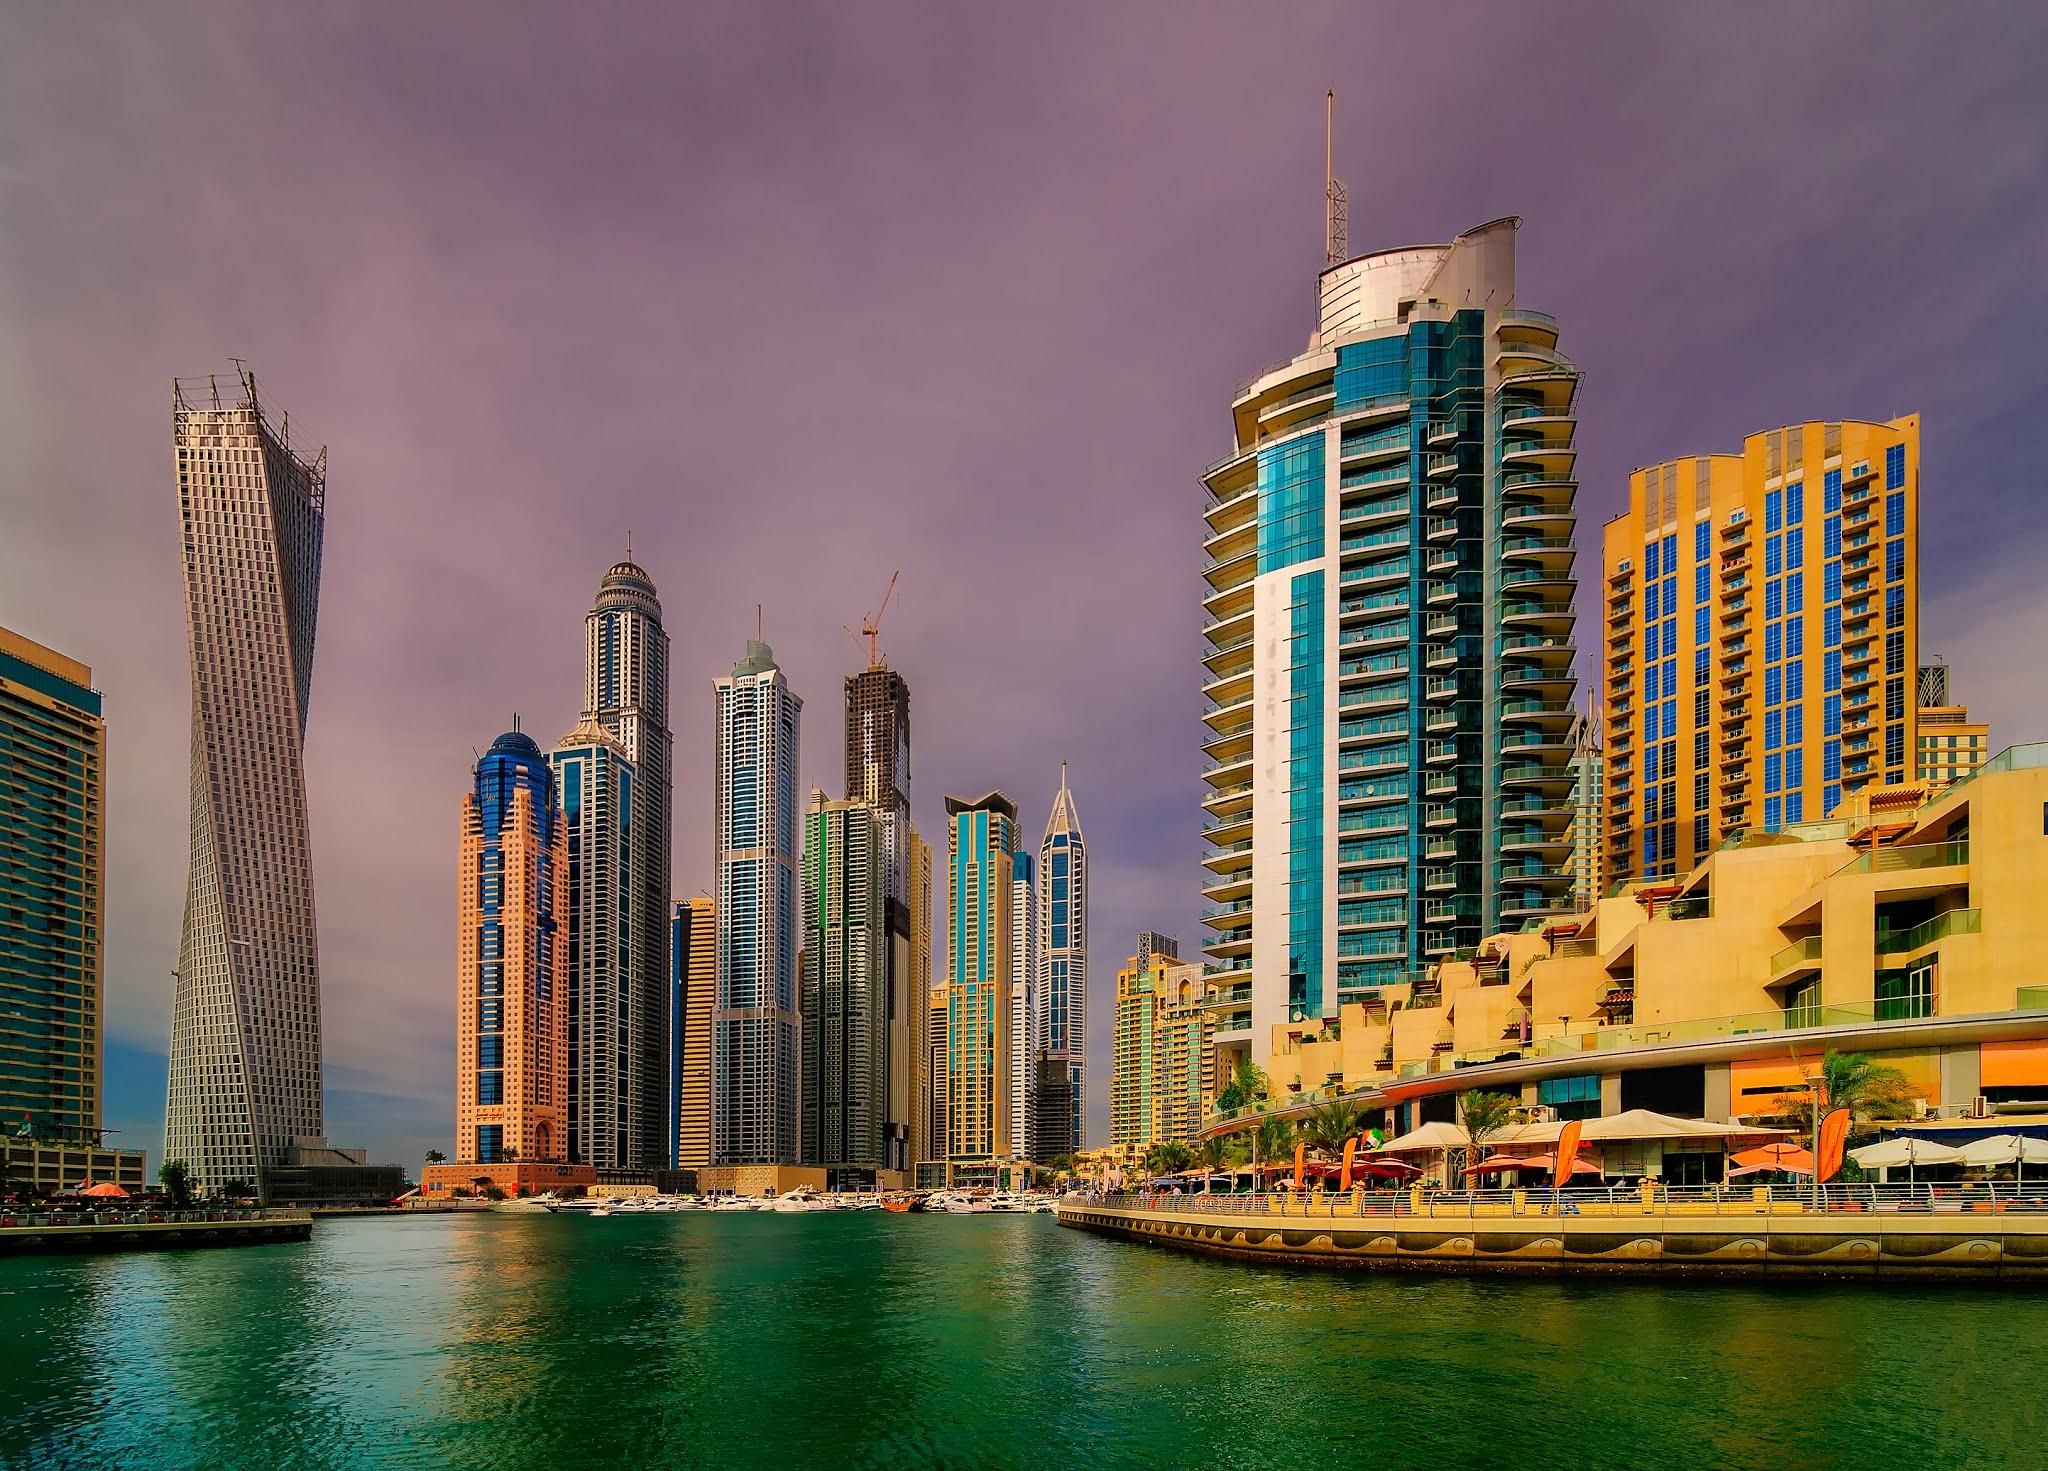 حزم التحفيز الاقتصادي تنعش سوق العقارات في دبي